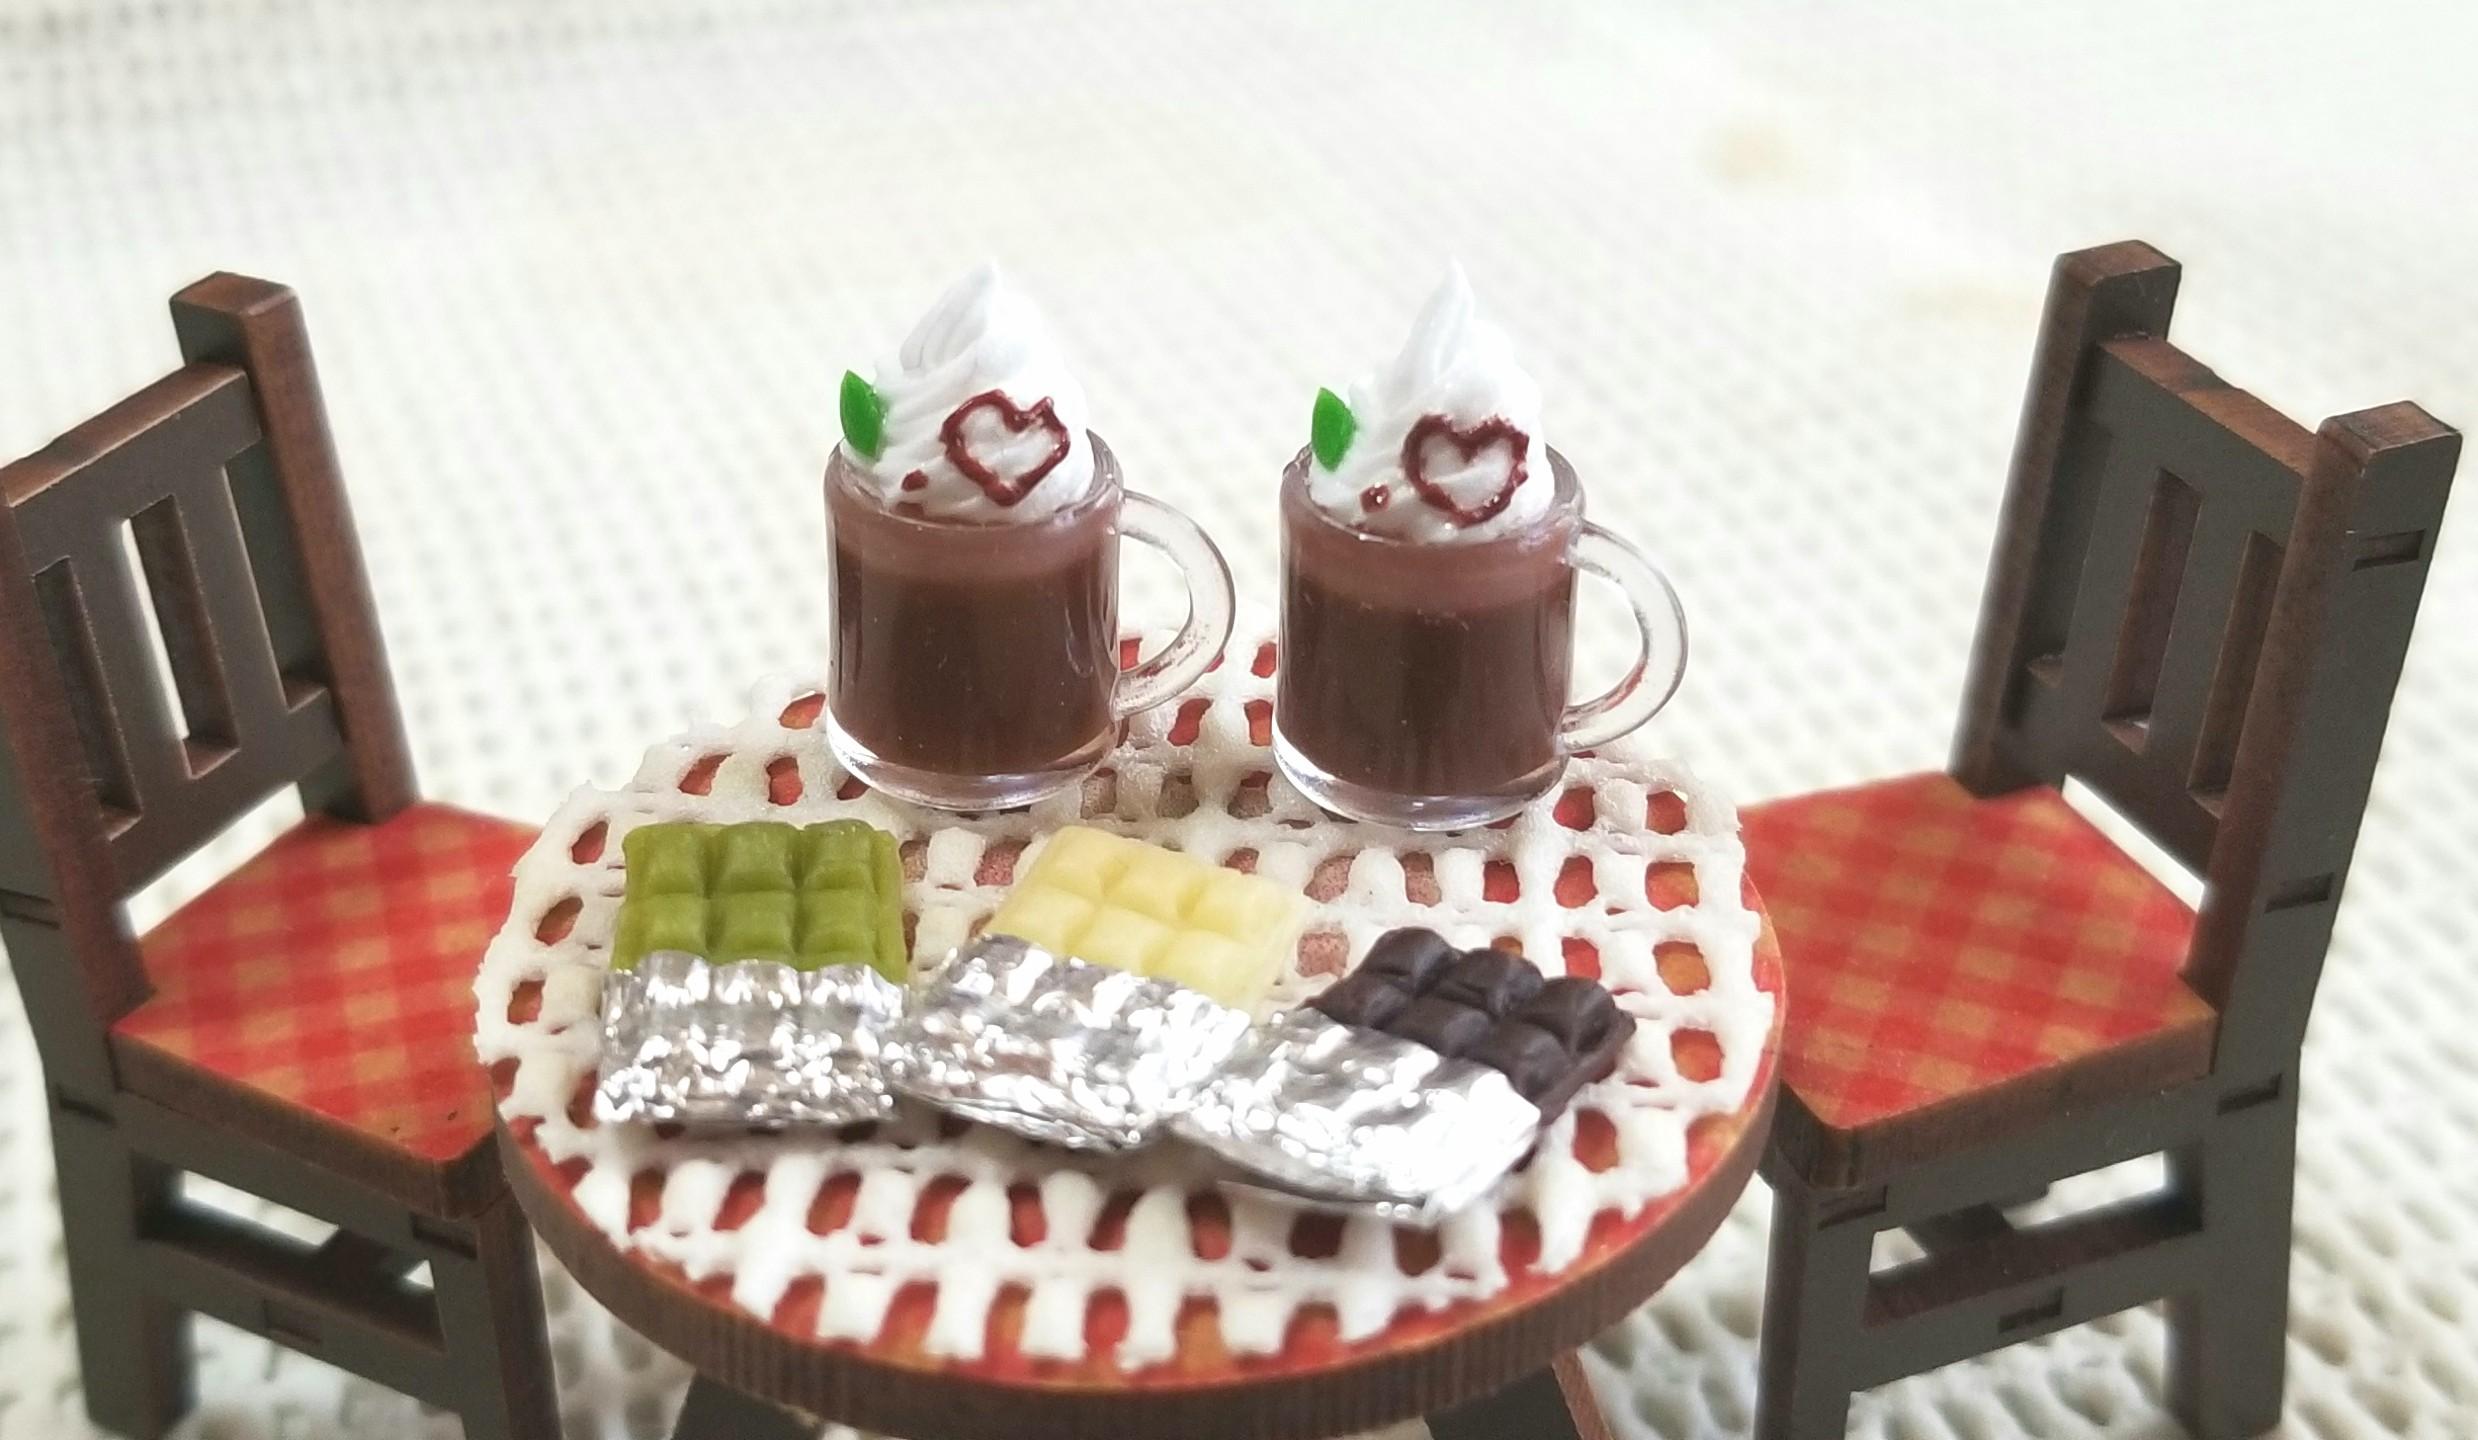 ミニチュアフード,チョコレートドリンク,ラテ,板チョコレート